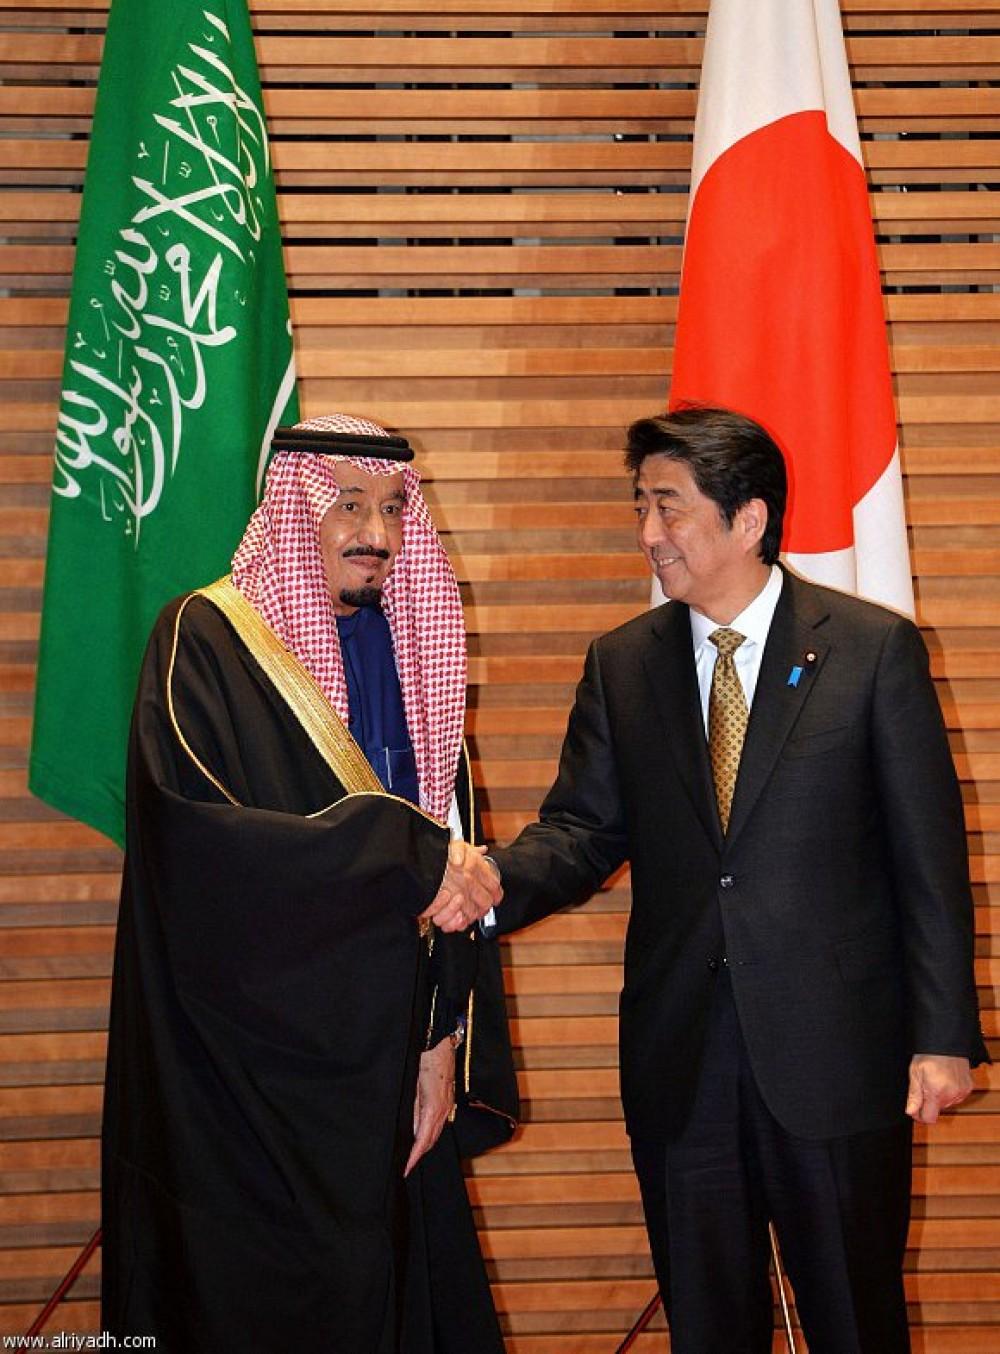 الملك سلمان مع رئيس الوزراء الياباني شينزو آبيه